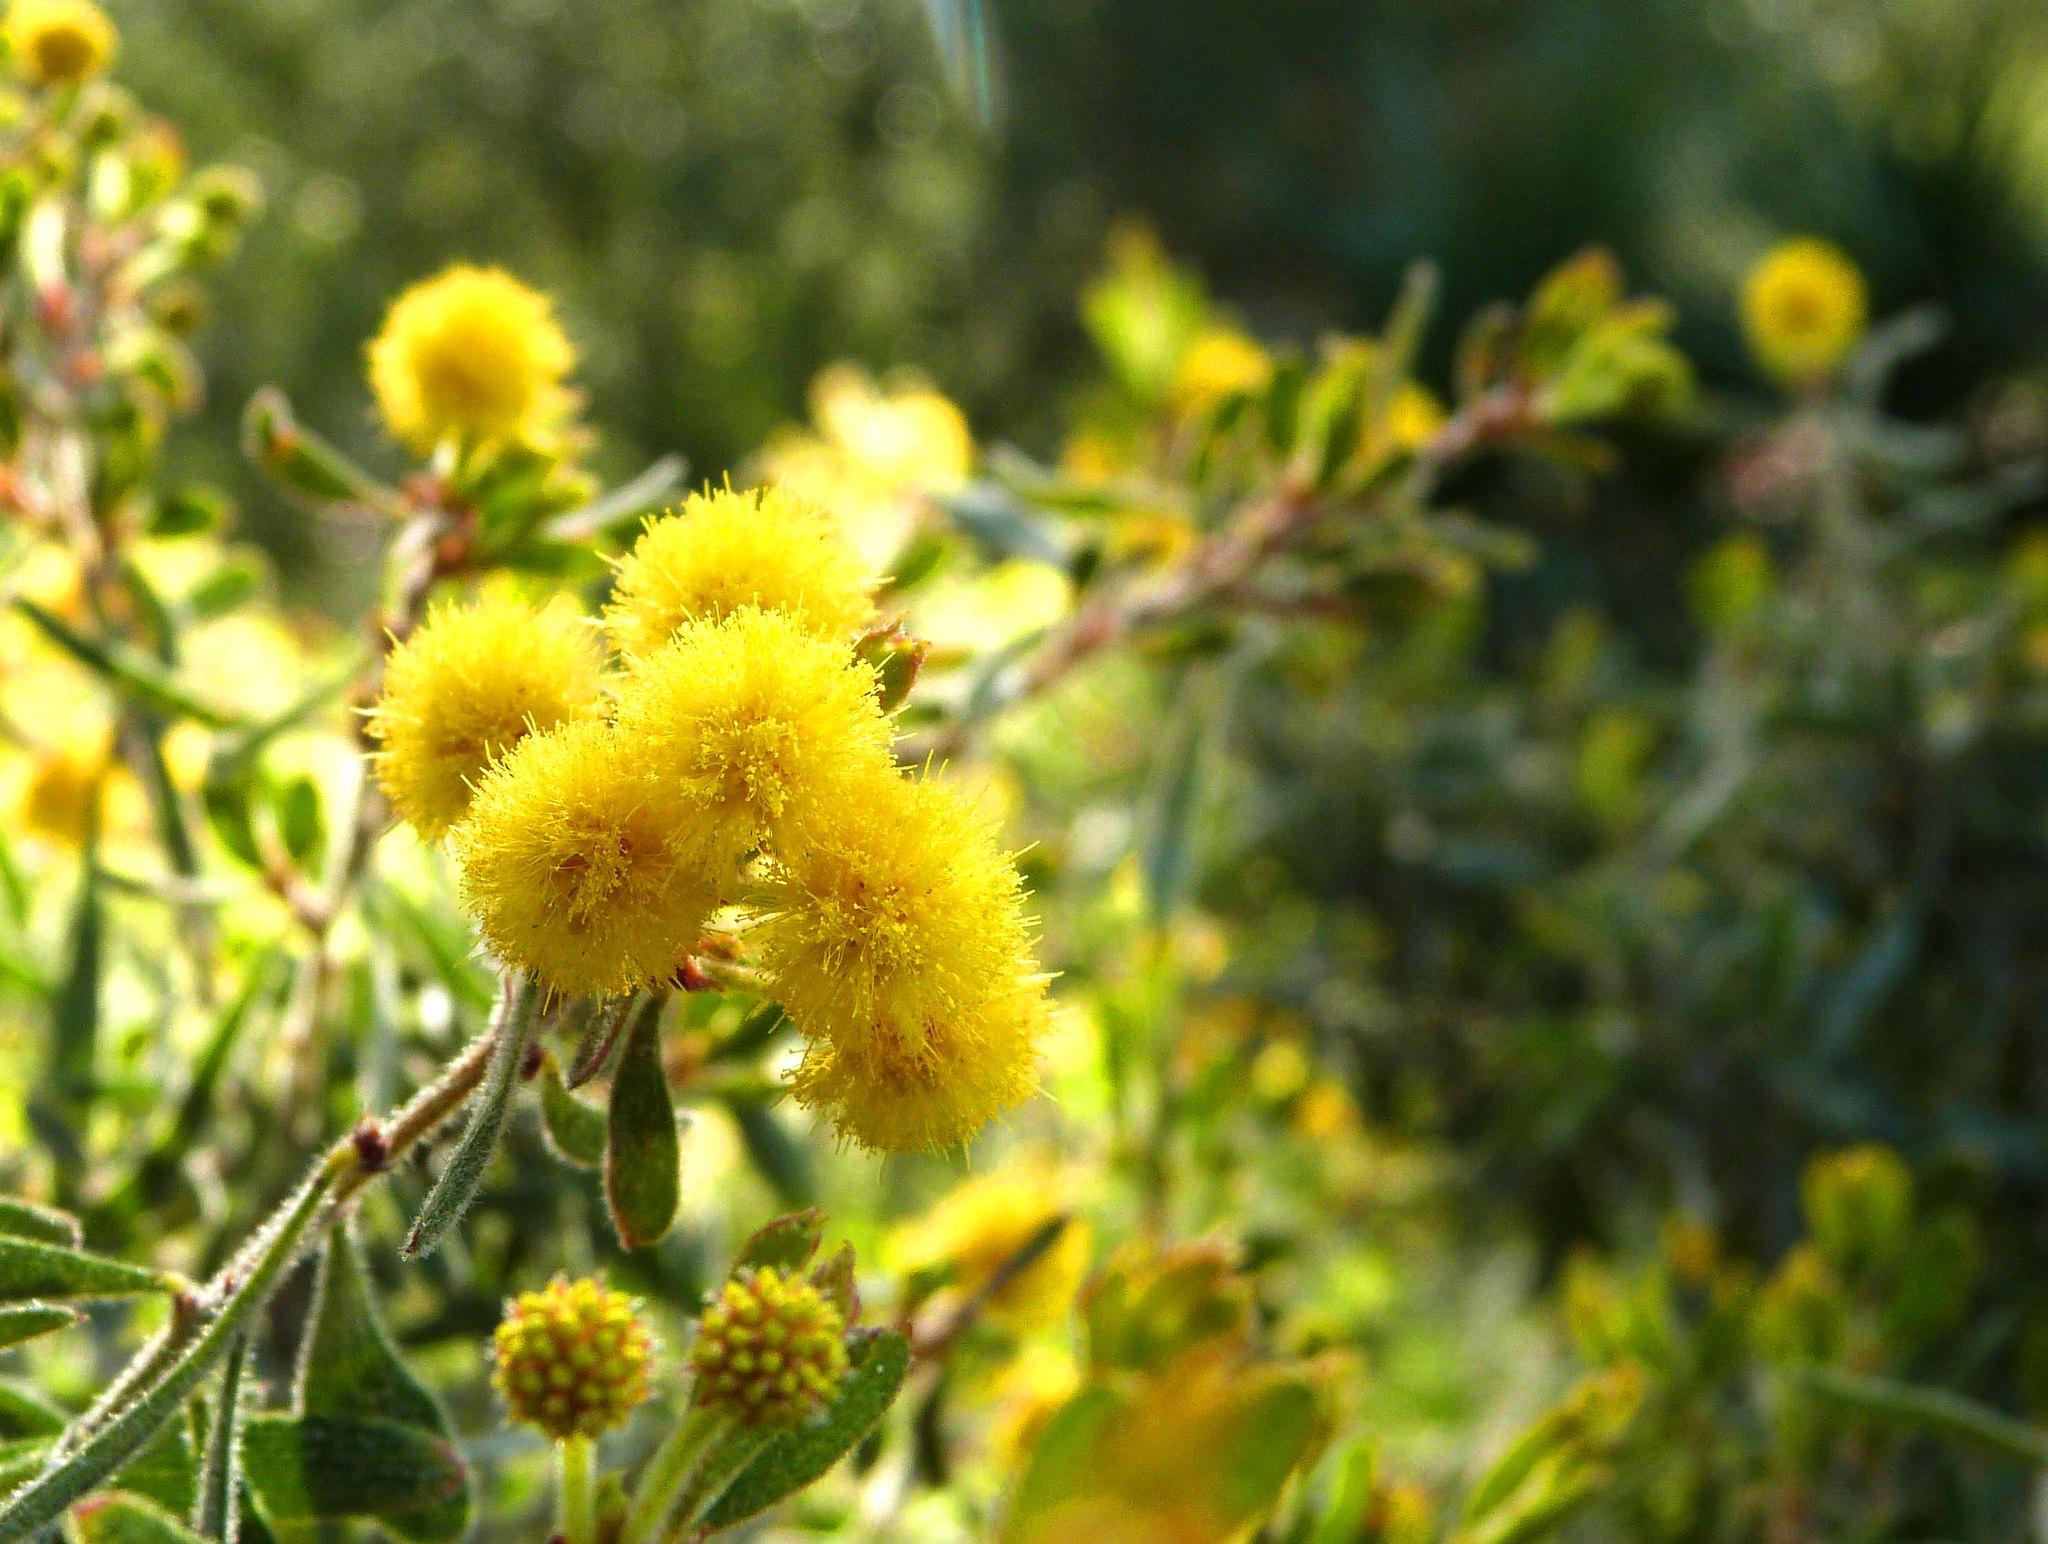 Domaine du rayol le jardin des m diterran es flickr - Domaine du rayol le jardin des mediterranees ...